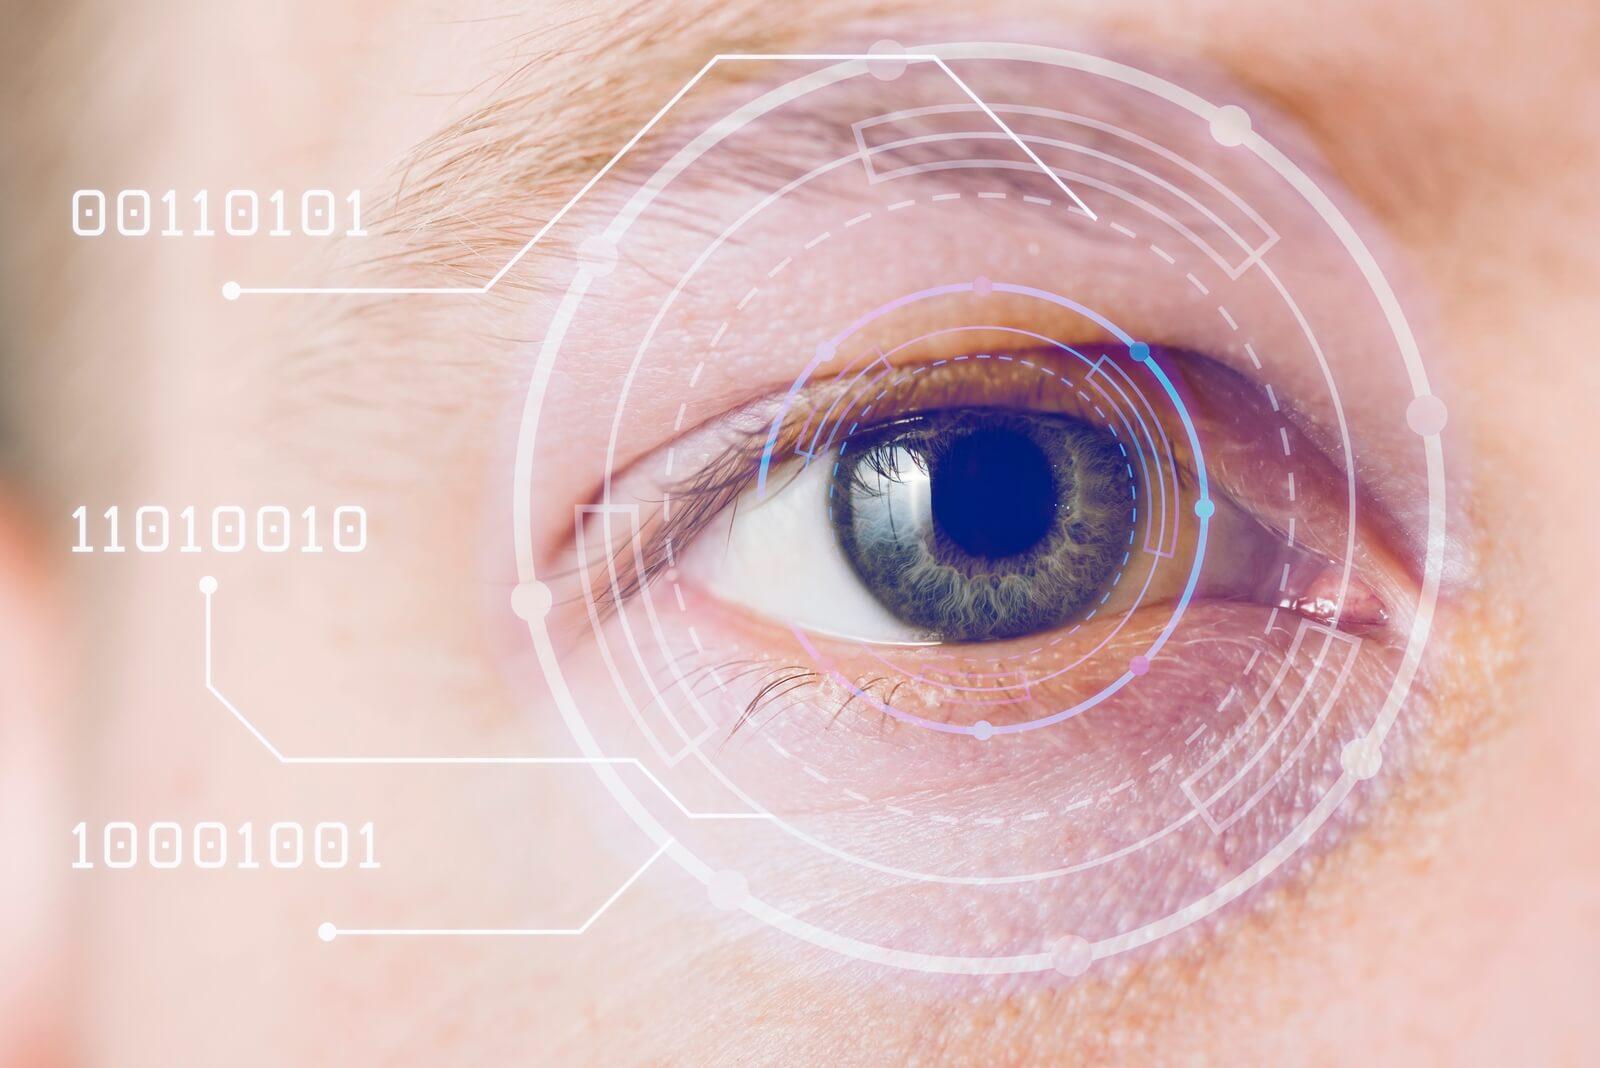 眼睛視力分析